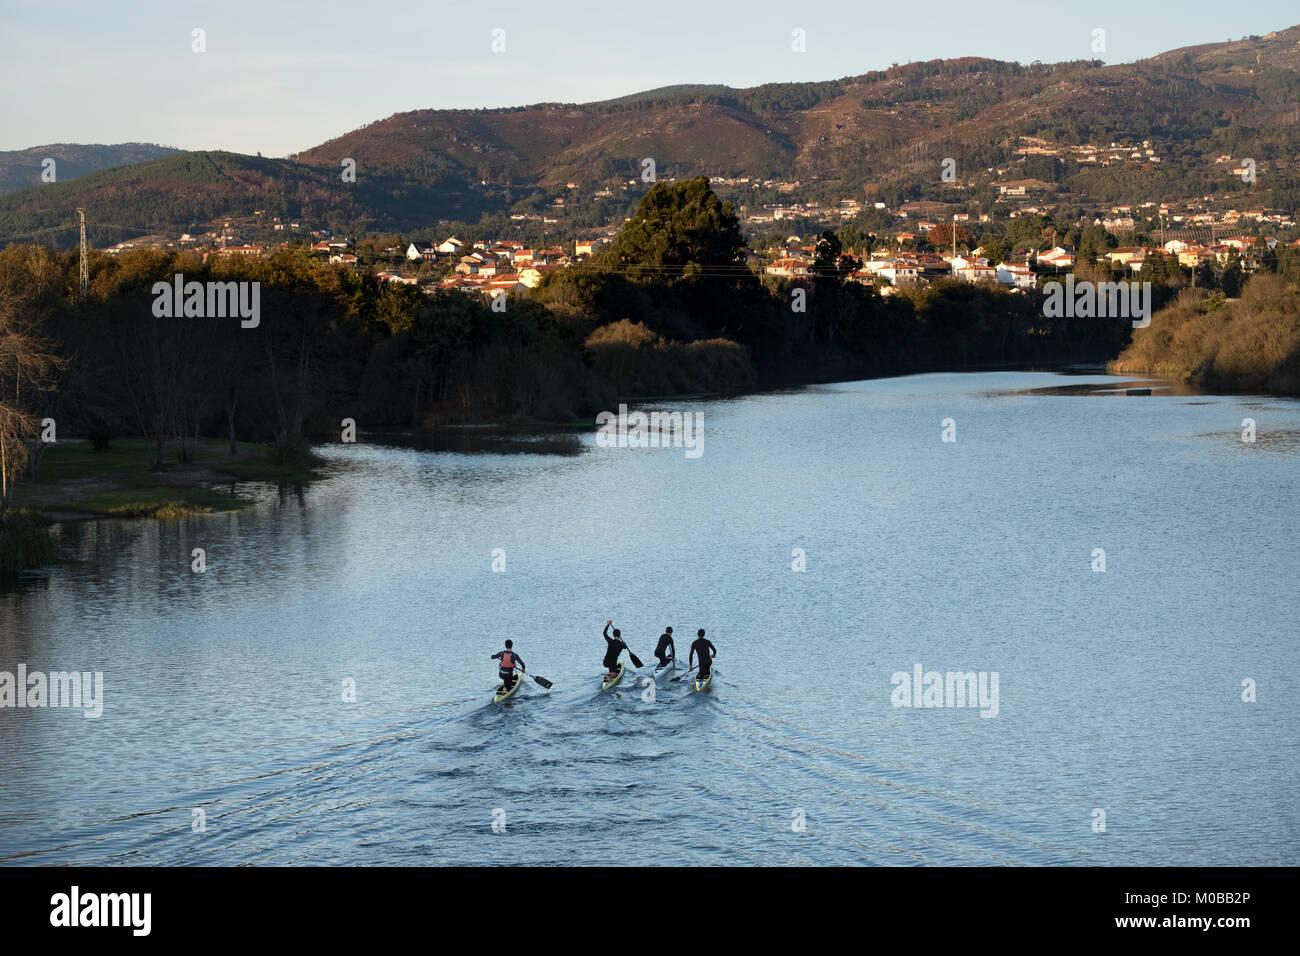 Fluss In Portugal menschen paddeln auf einem fluss in portugal mit einem schönen